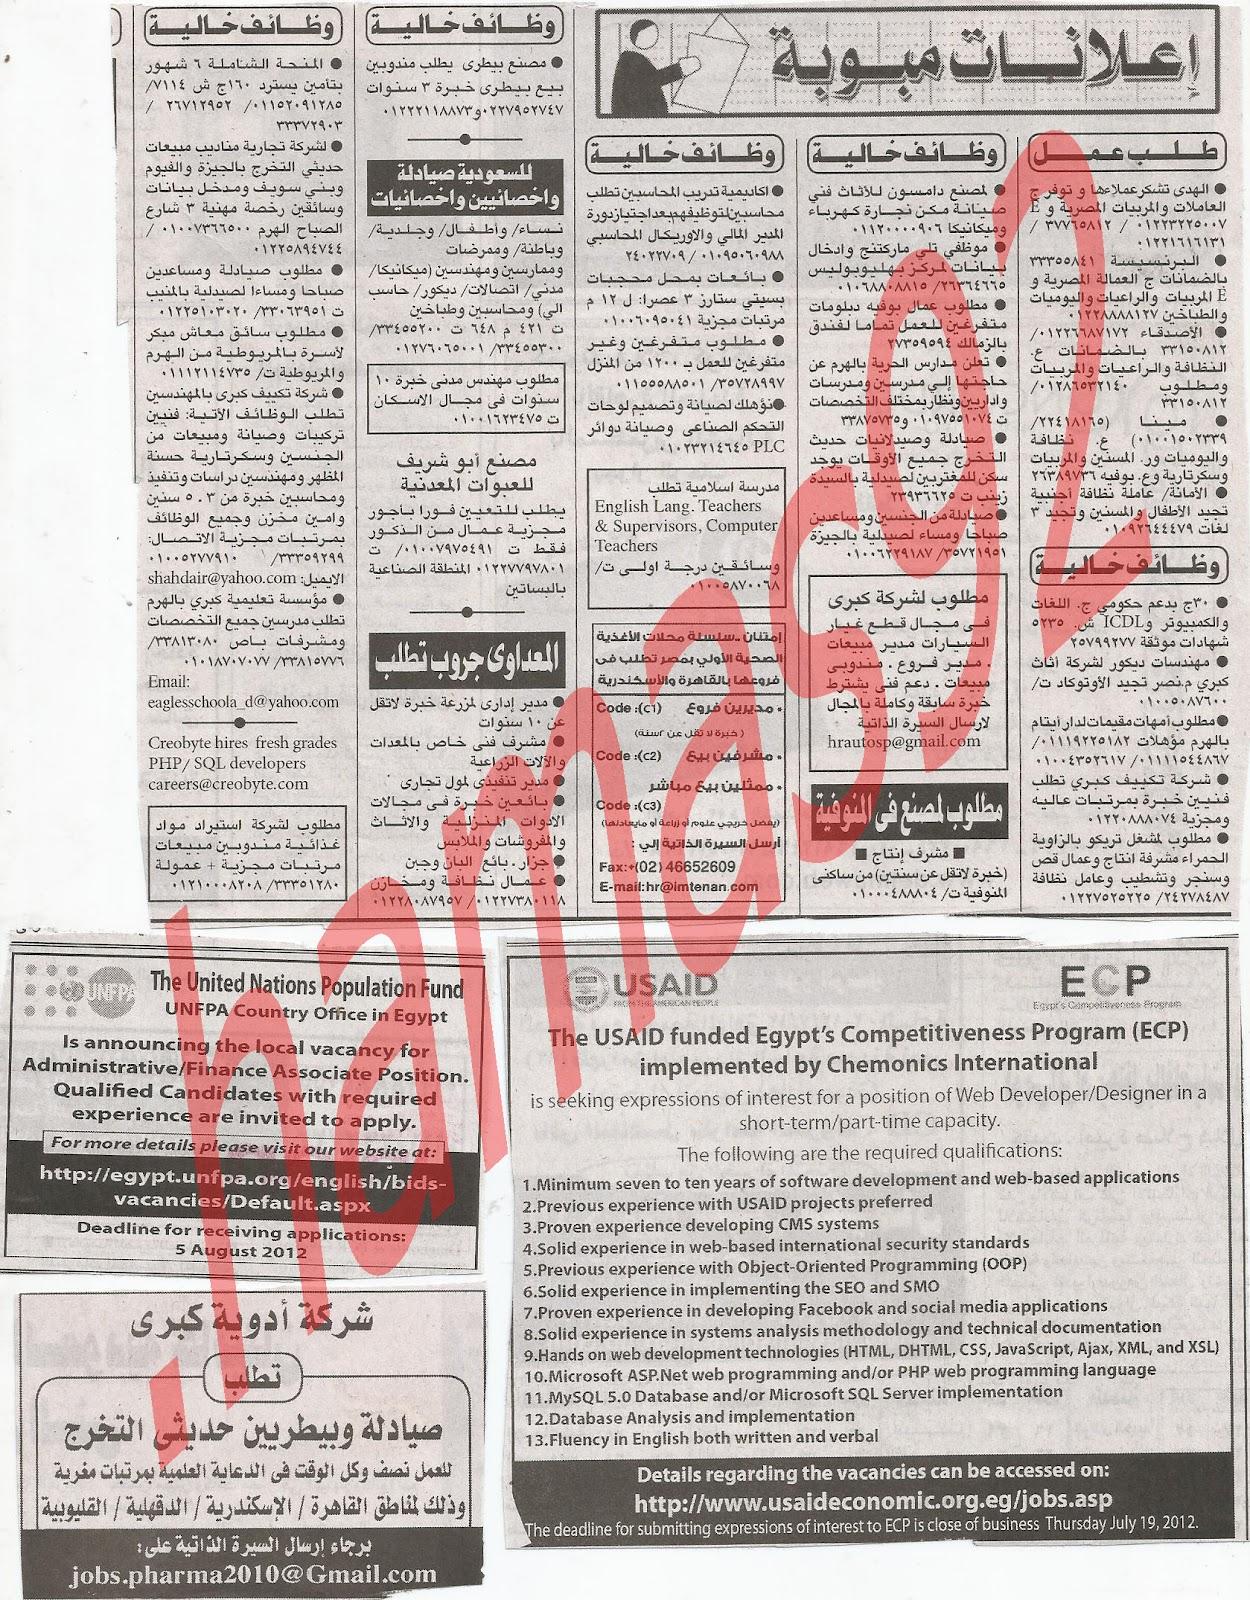 اعلانات وظائف جريدة الاهرام الجمعة 13/7/2012 كاملة - الاهرام الاسبوعى 10